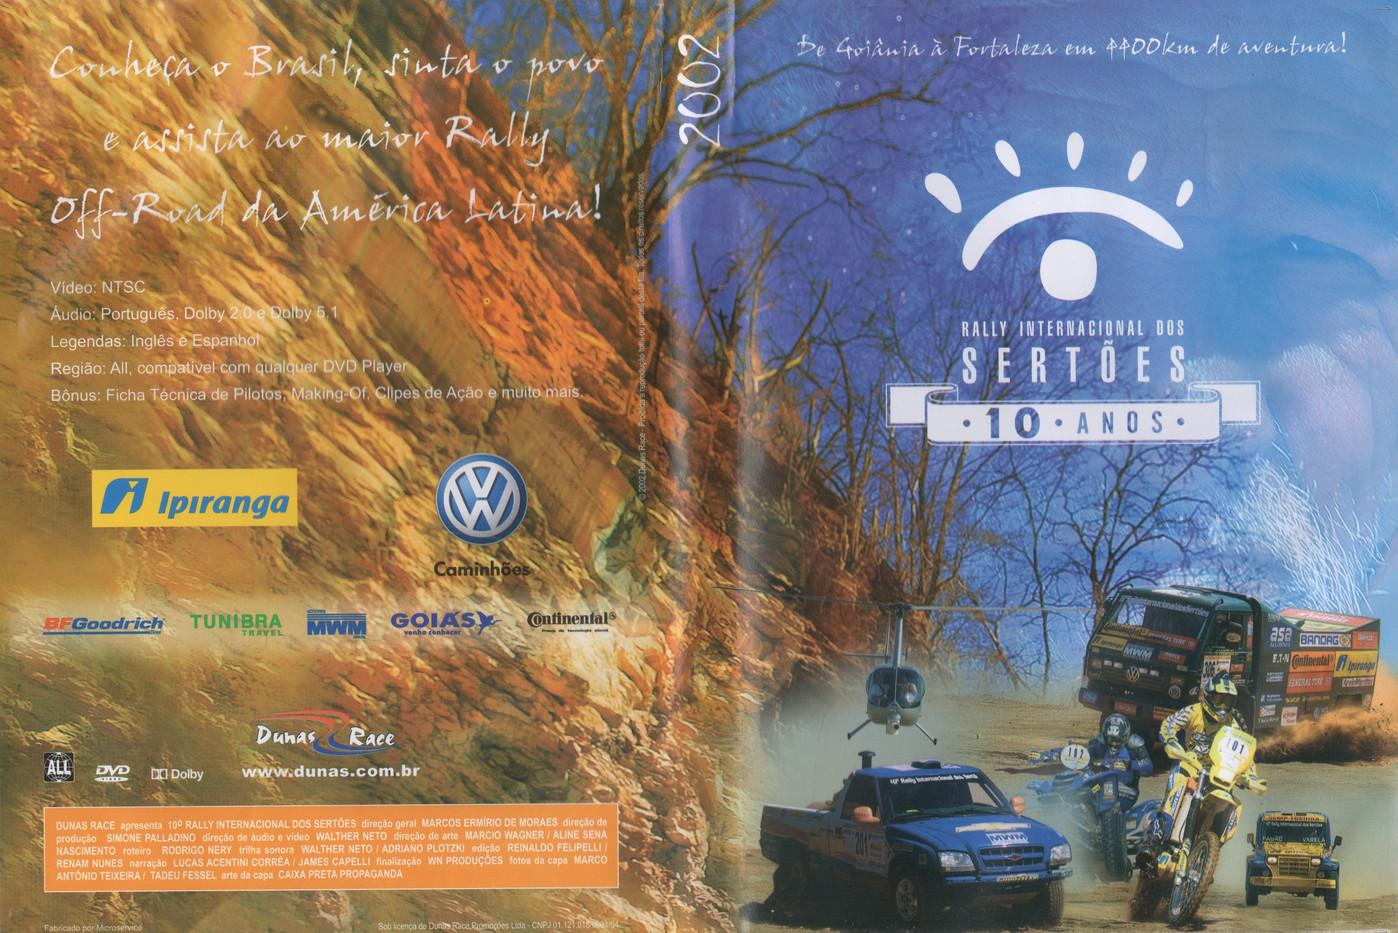 2002. Rally internacional dos sertões.10